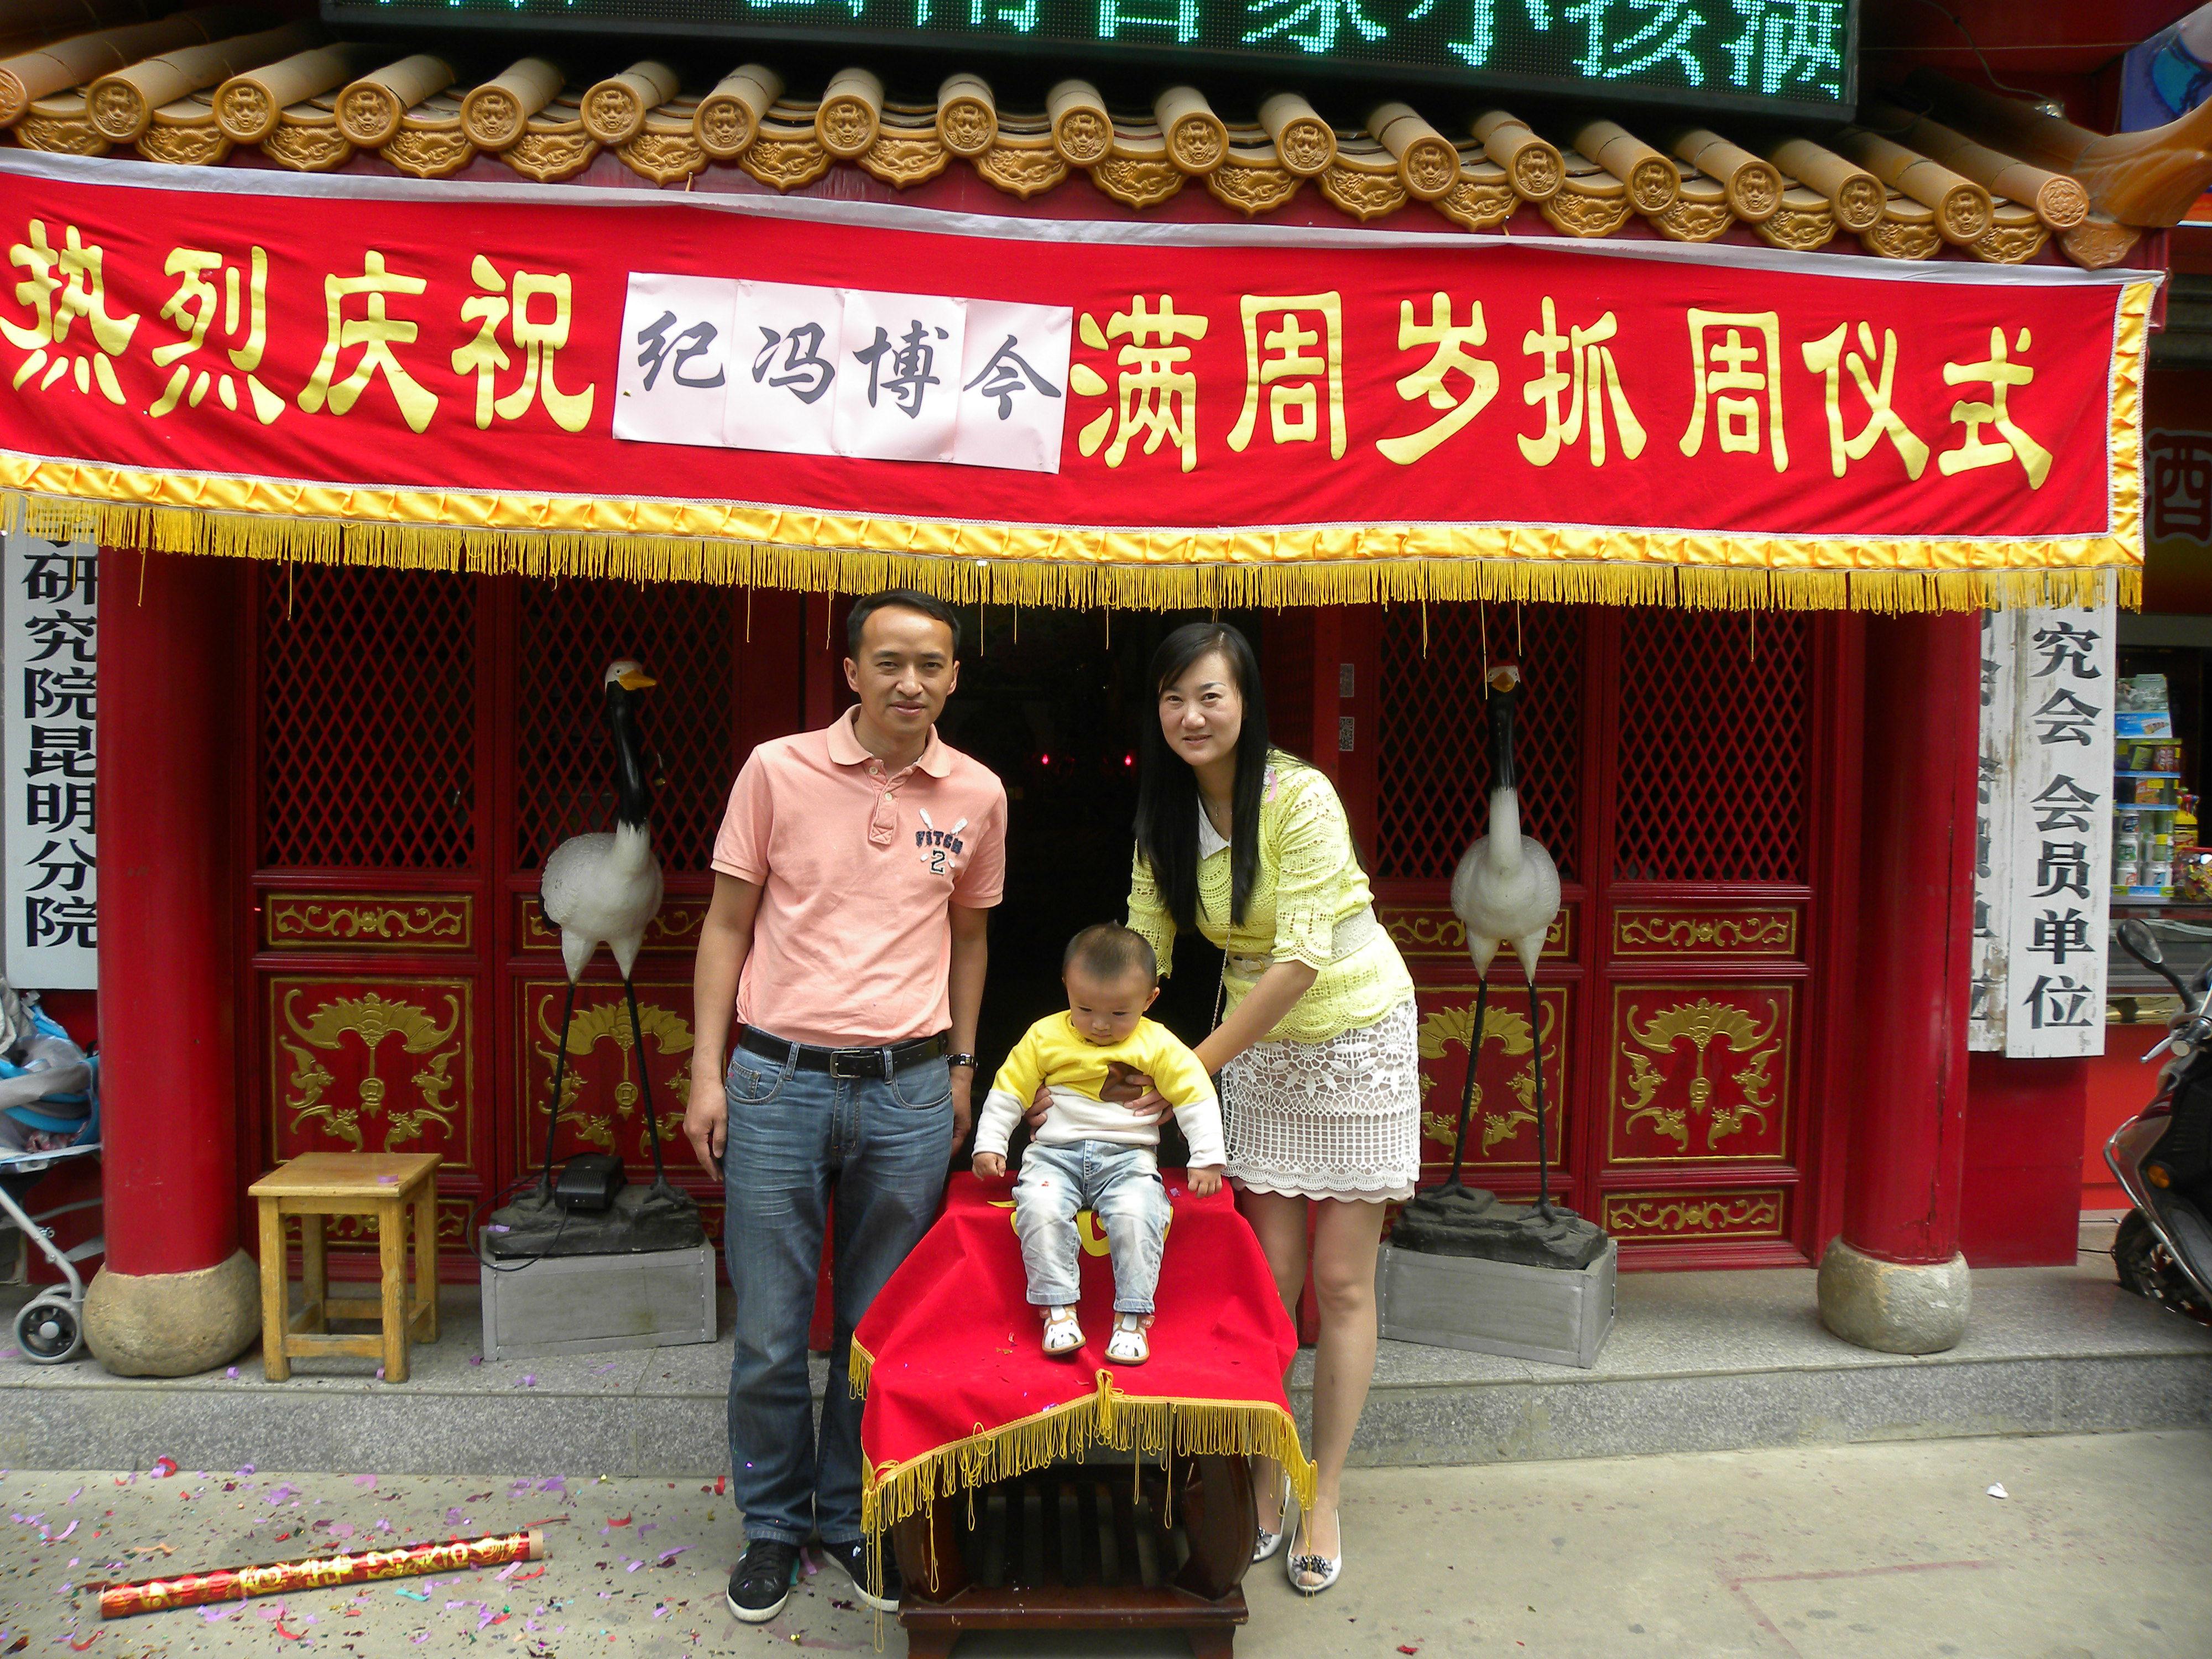 http://www.ynyihexuan.cn/160107141256048704872600.jpg